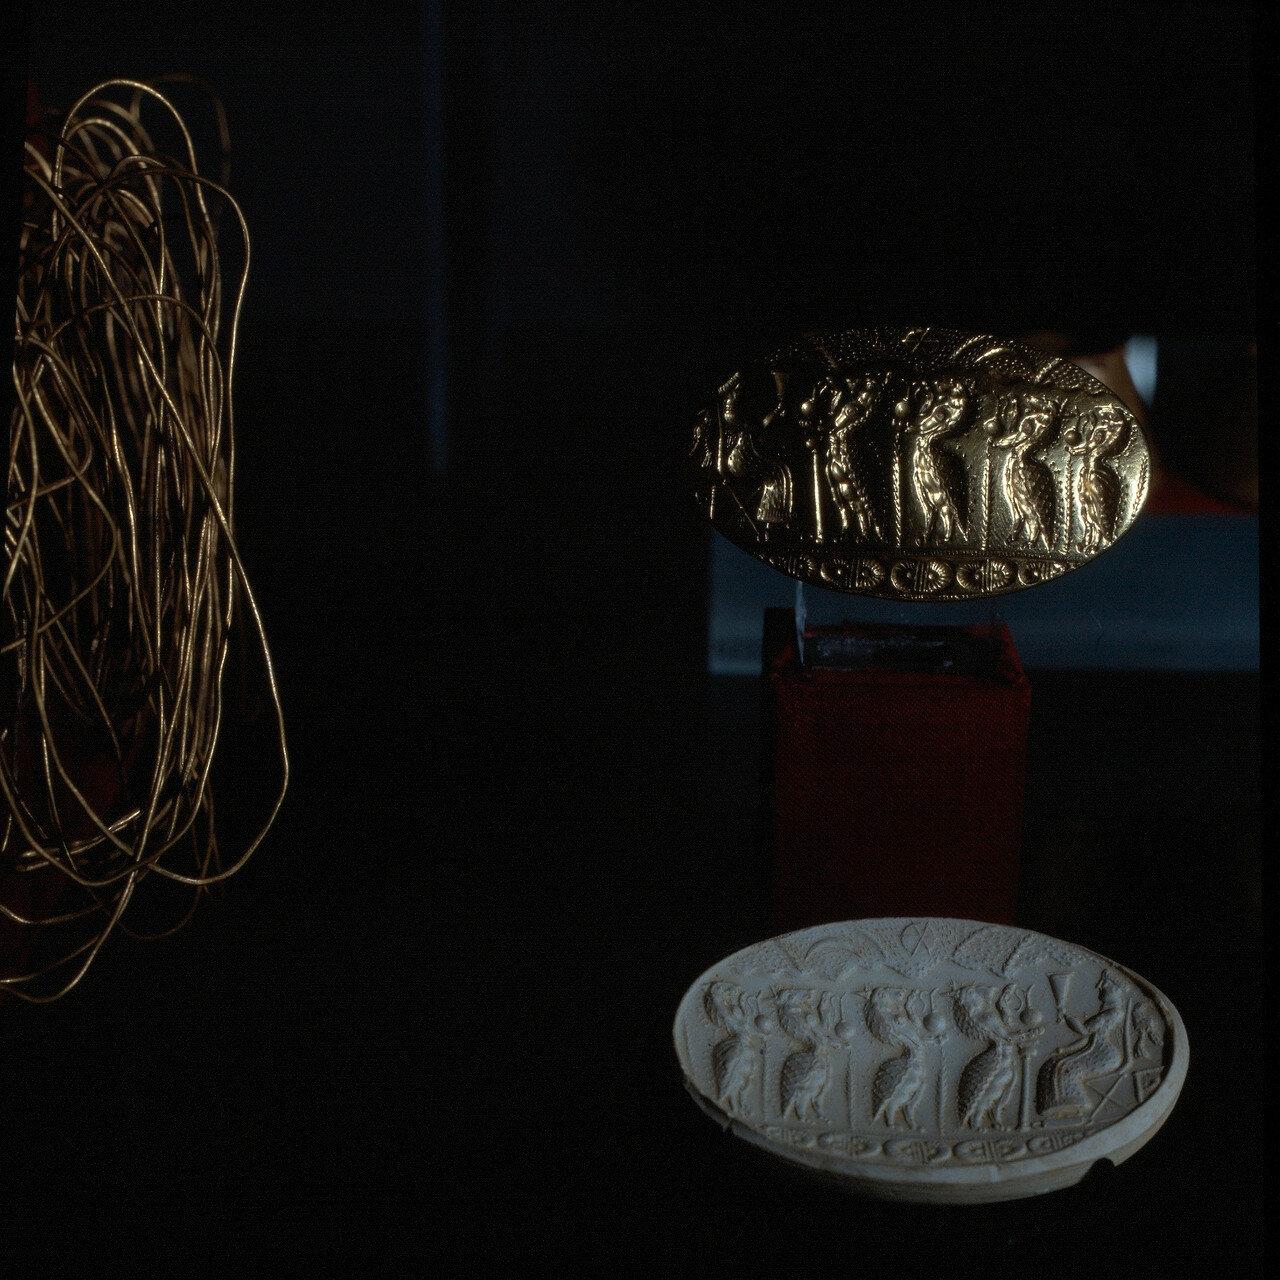 Золотой перстень XV в. до н.э. Тиринф. Инв 6208.